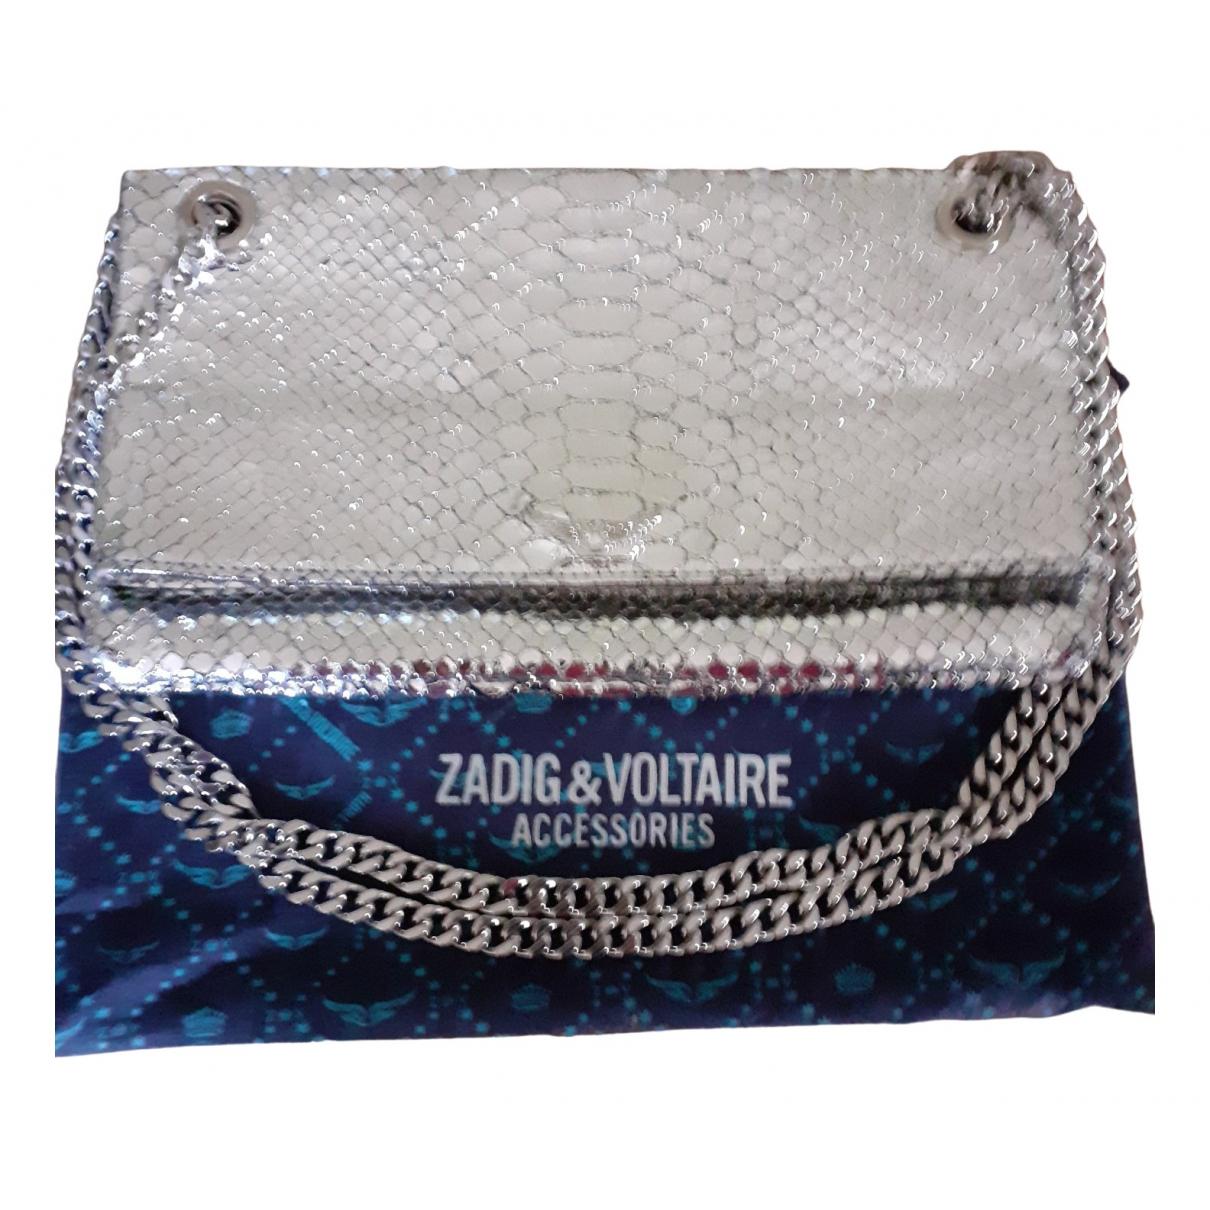 Zadig & Voltaire - Pochette Rock pour femme en cuir verni - argente